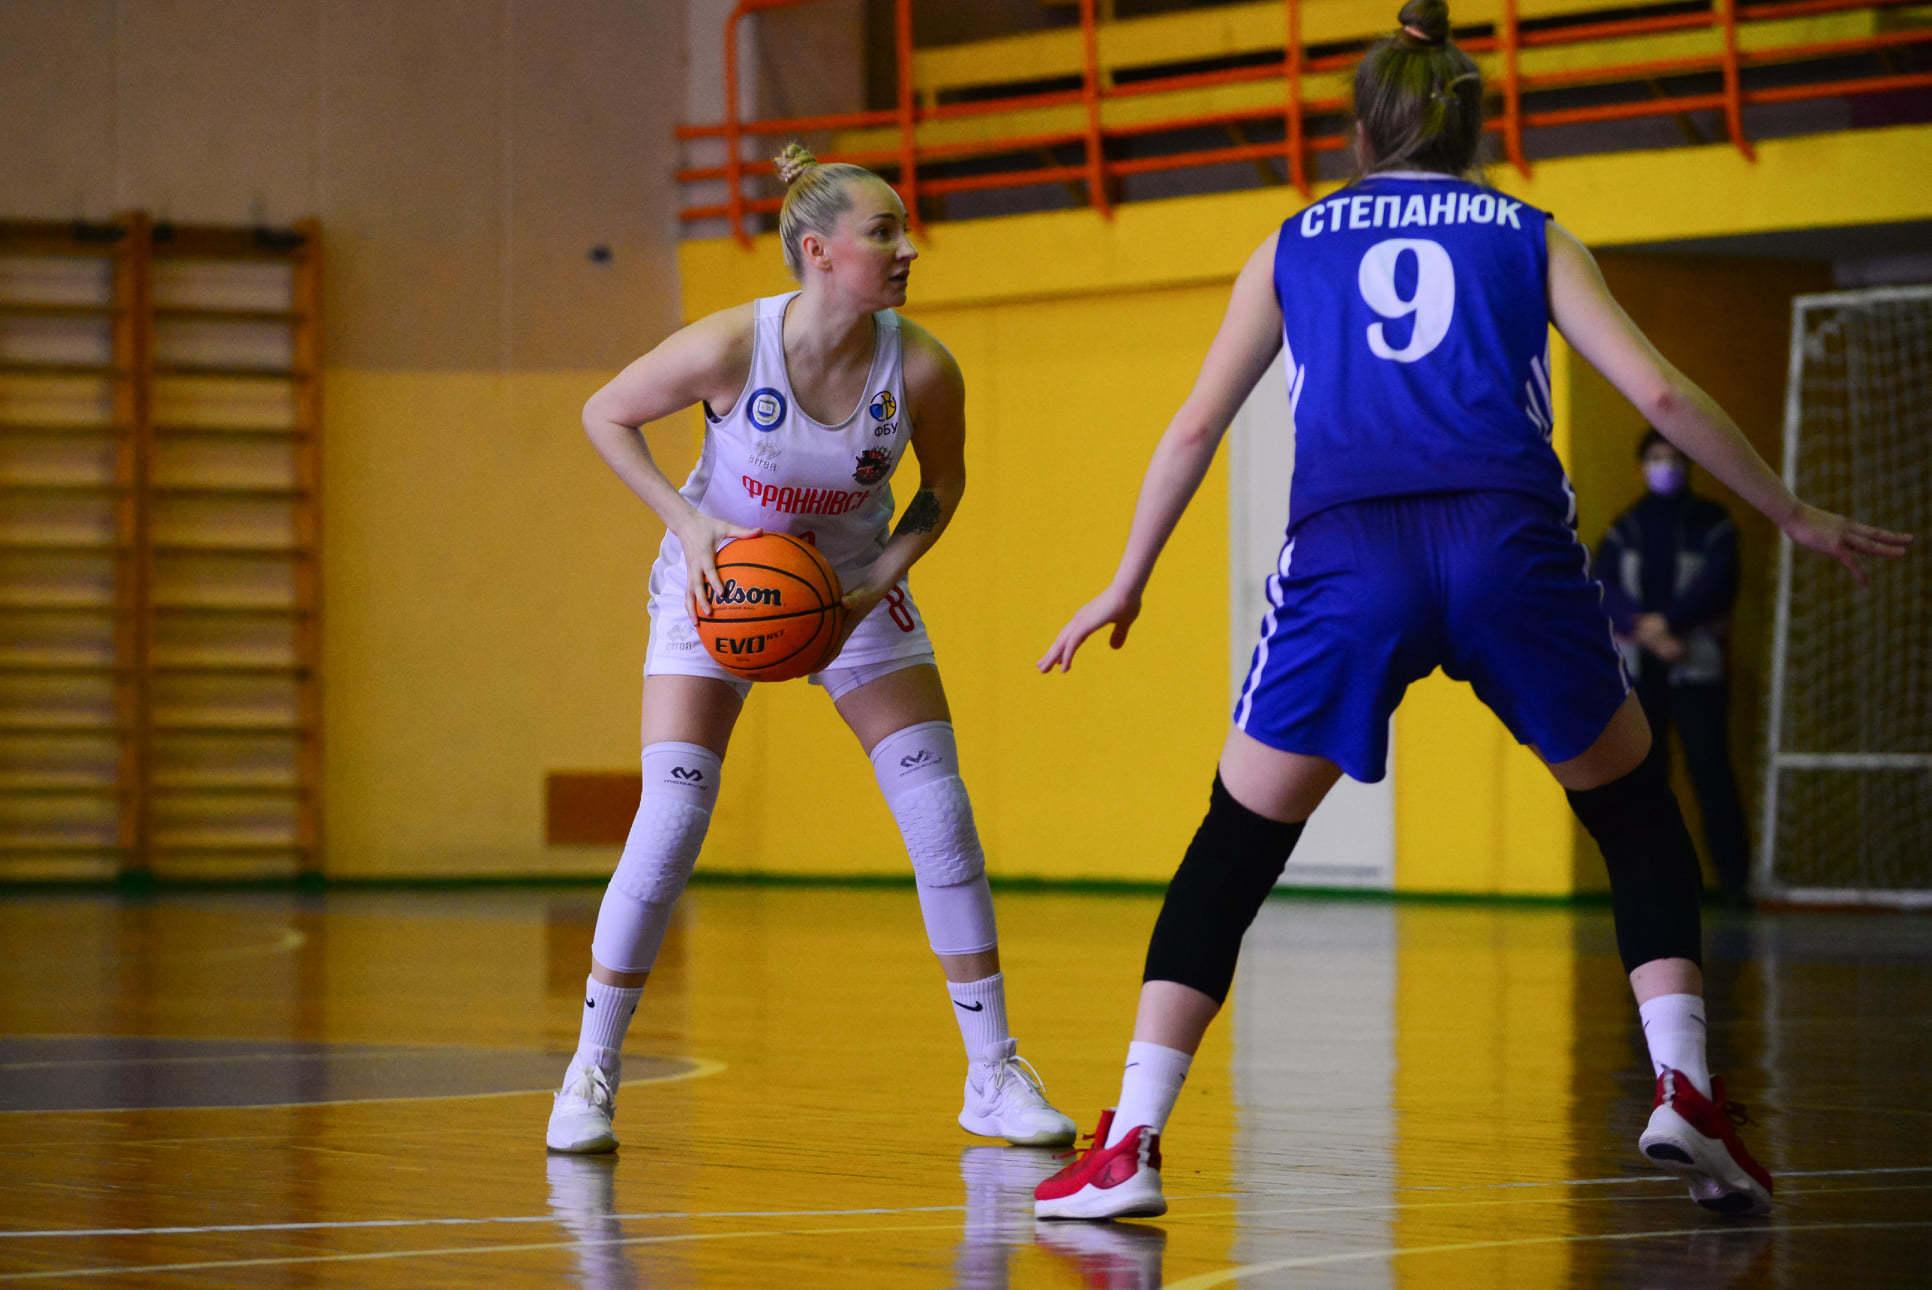 Франківськ - Динамо: анонс четвертого матчу бронзової серії жіночої Суперліги